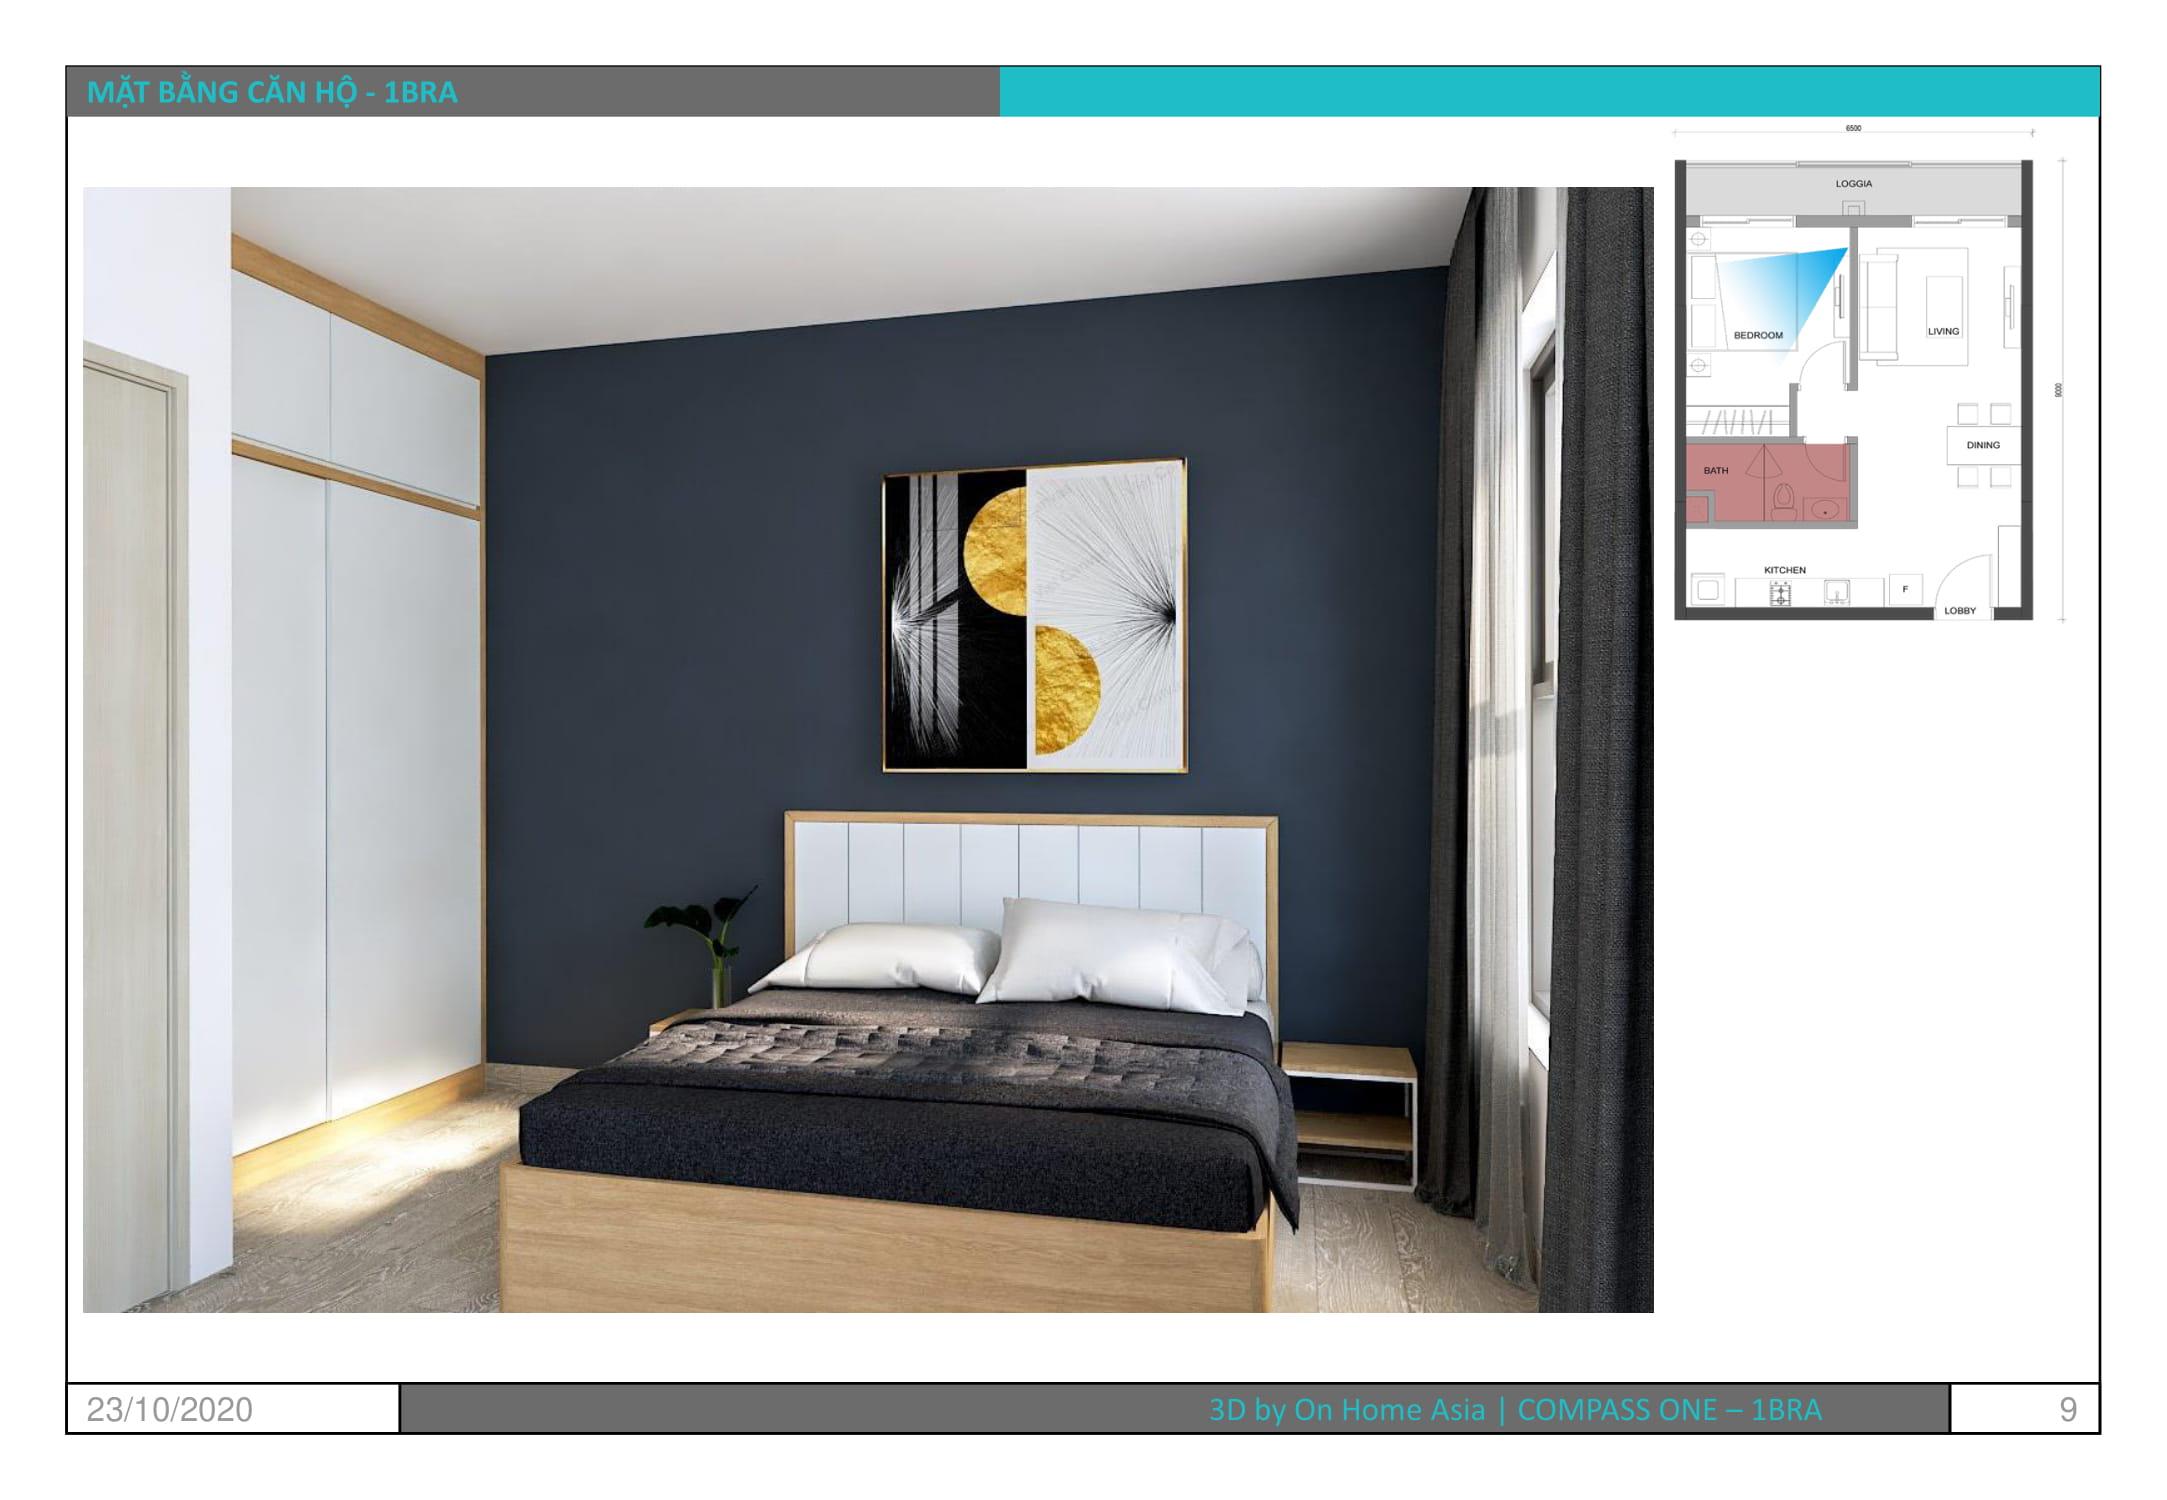 nội thất phòng ngủ căn hộ compass one mẫu 1bra